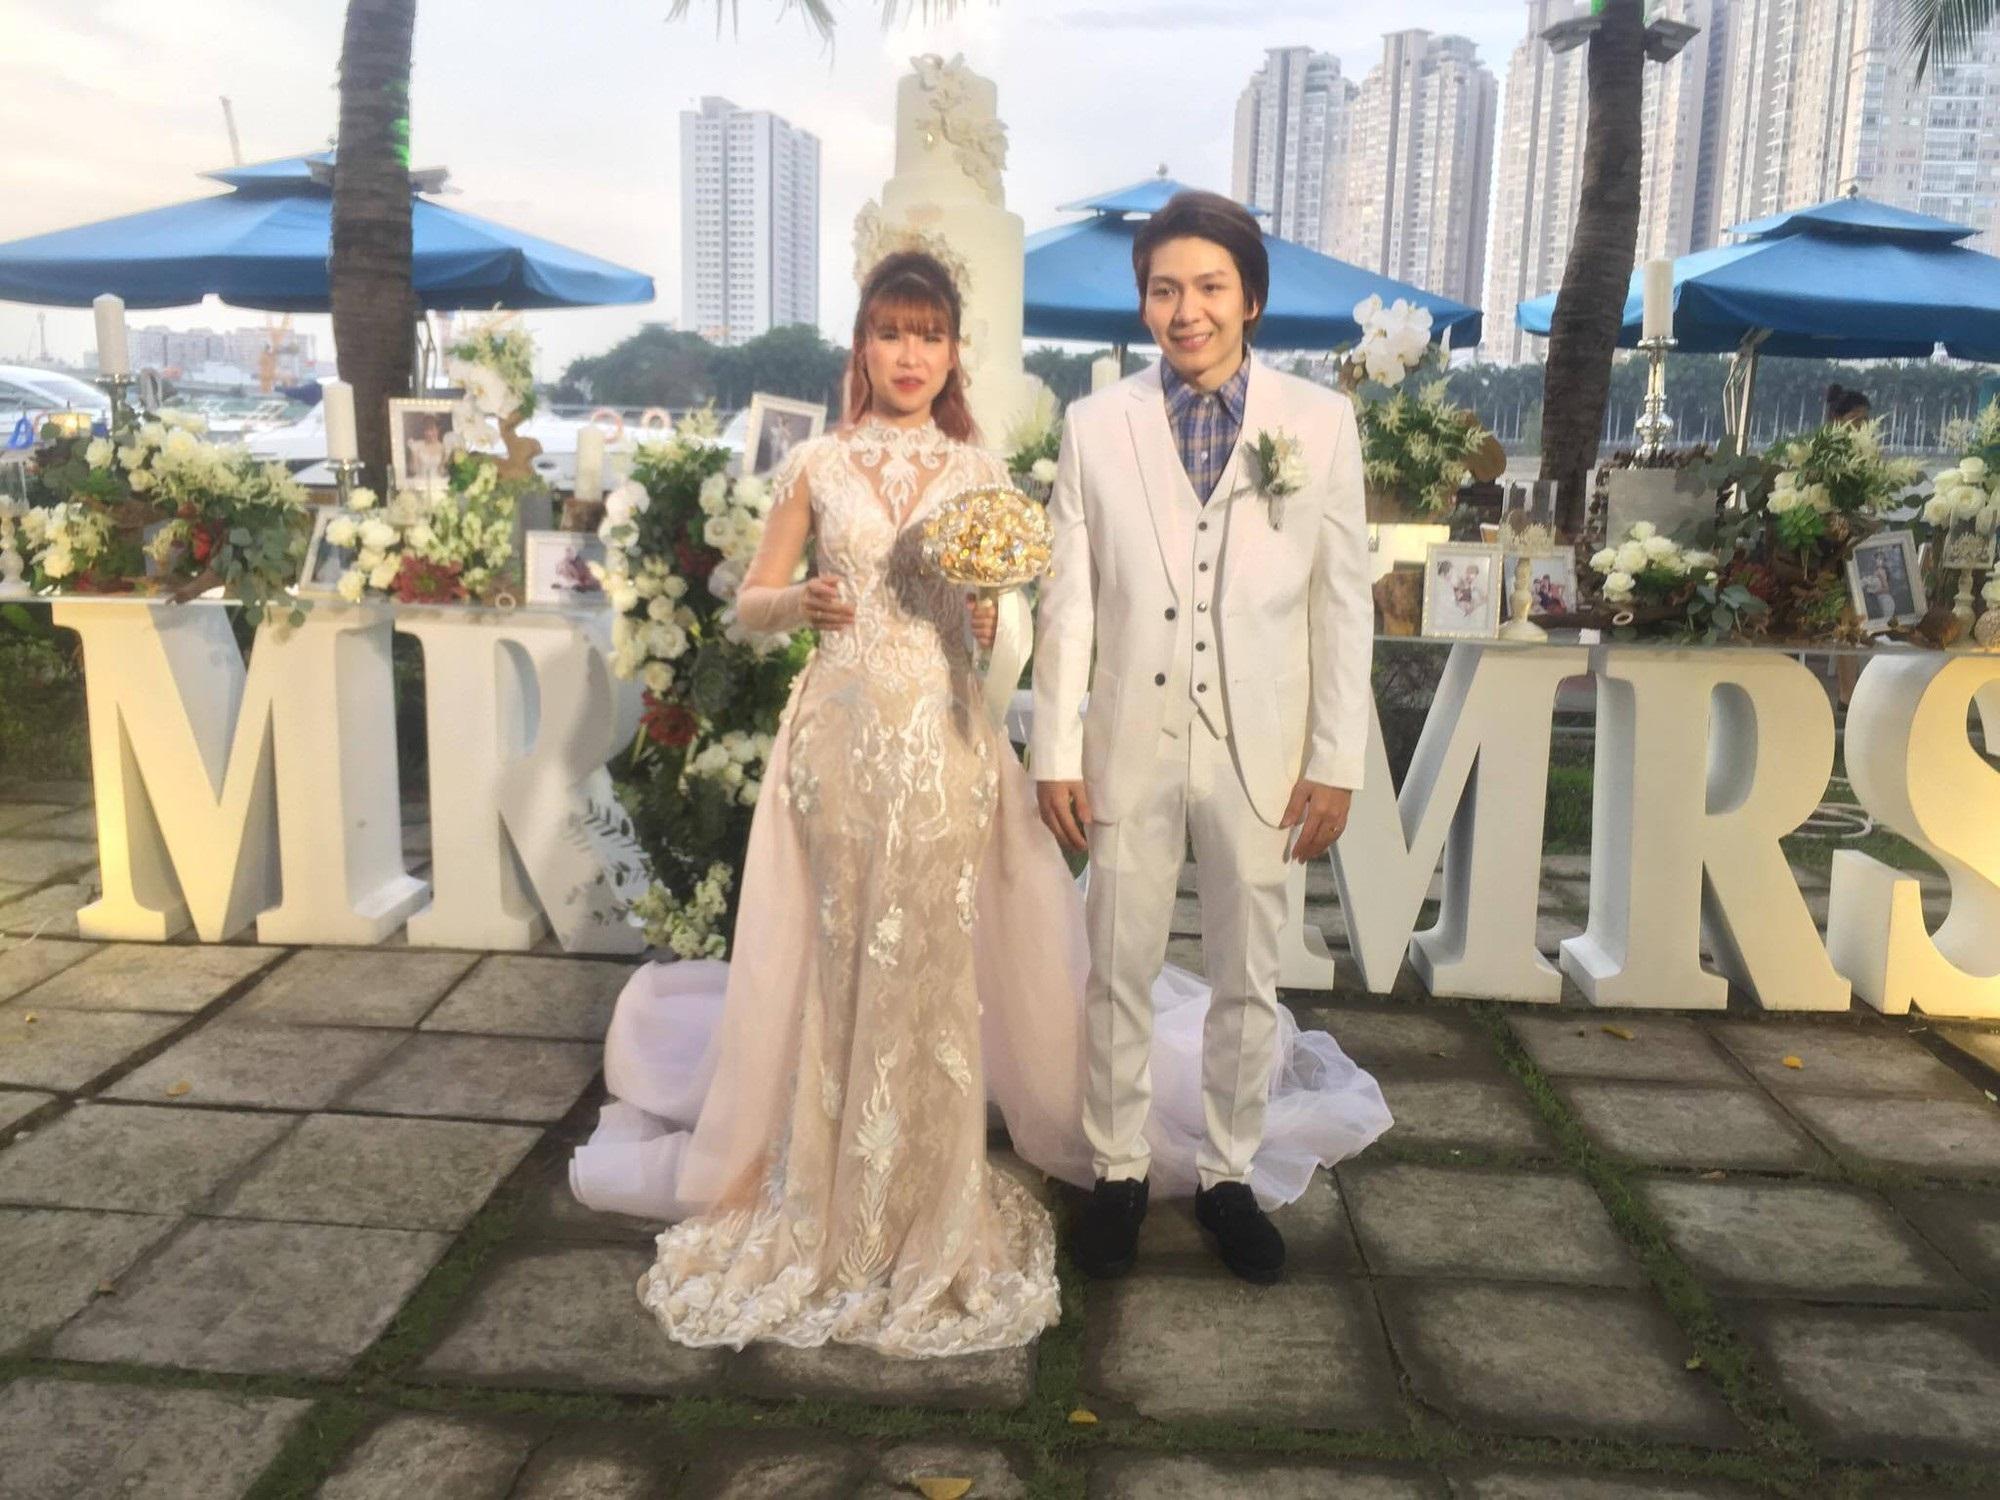 Cập nhật: Vợ chồng Kelvin Khánh - Khởi My diện trang phục giản dị, quậy tưng bừng trong tiệc cưới - Ảnh 1